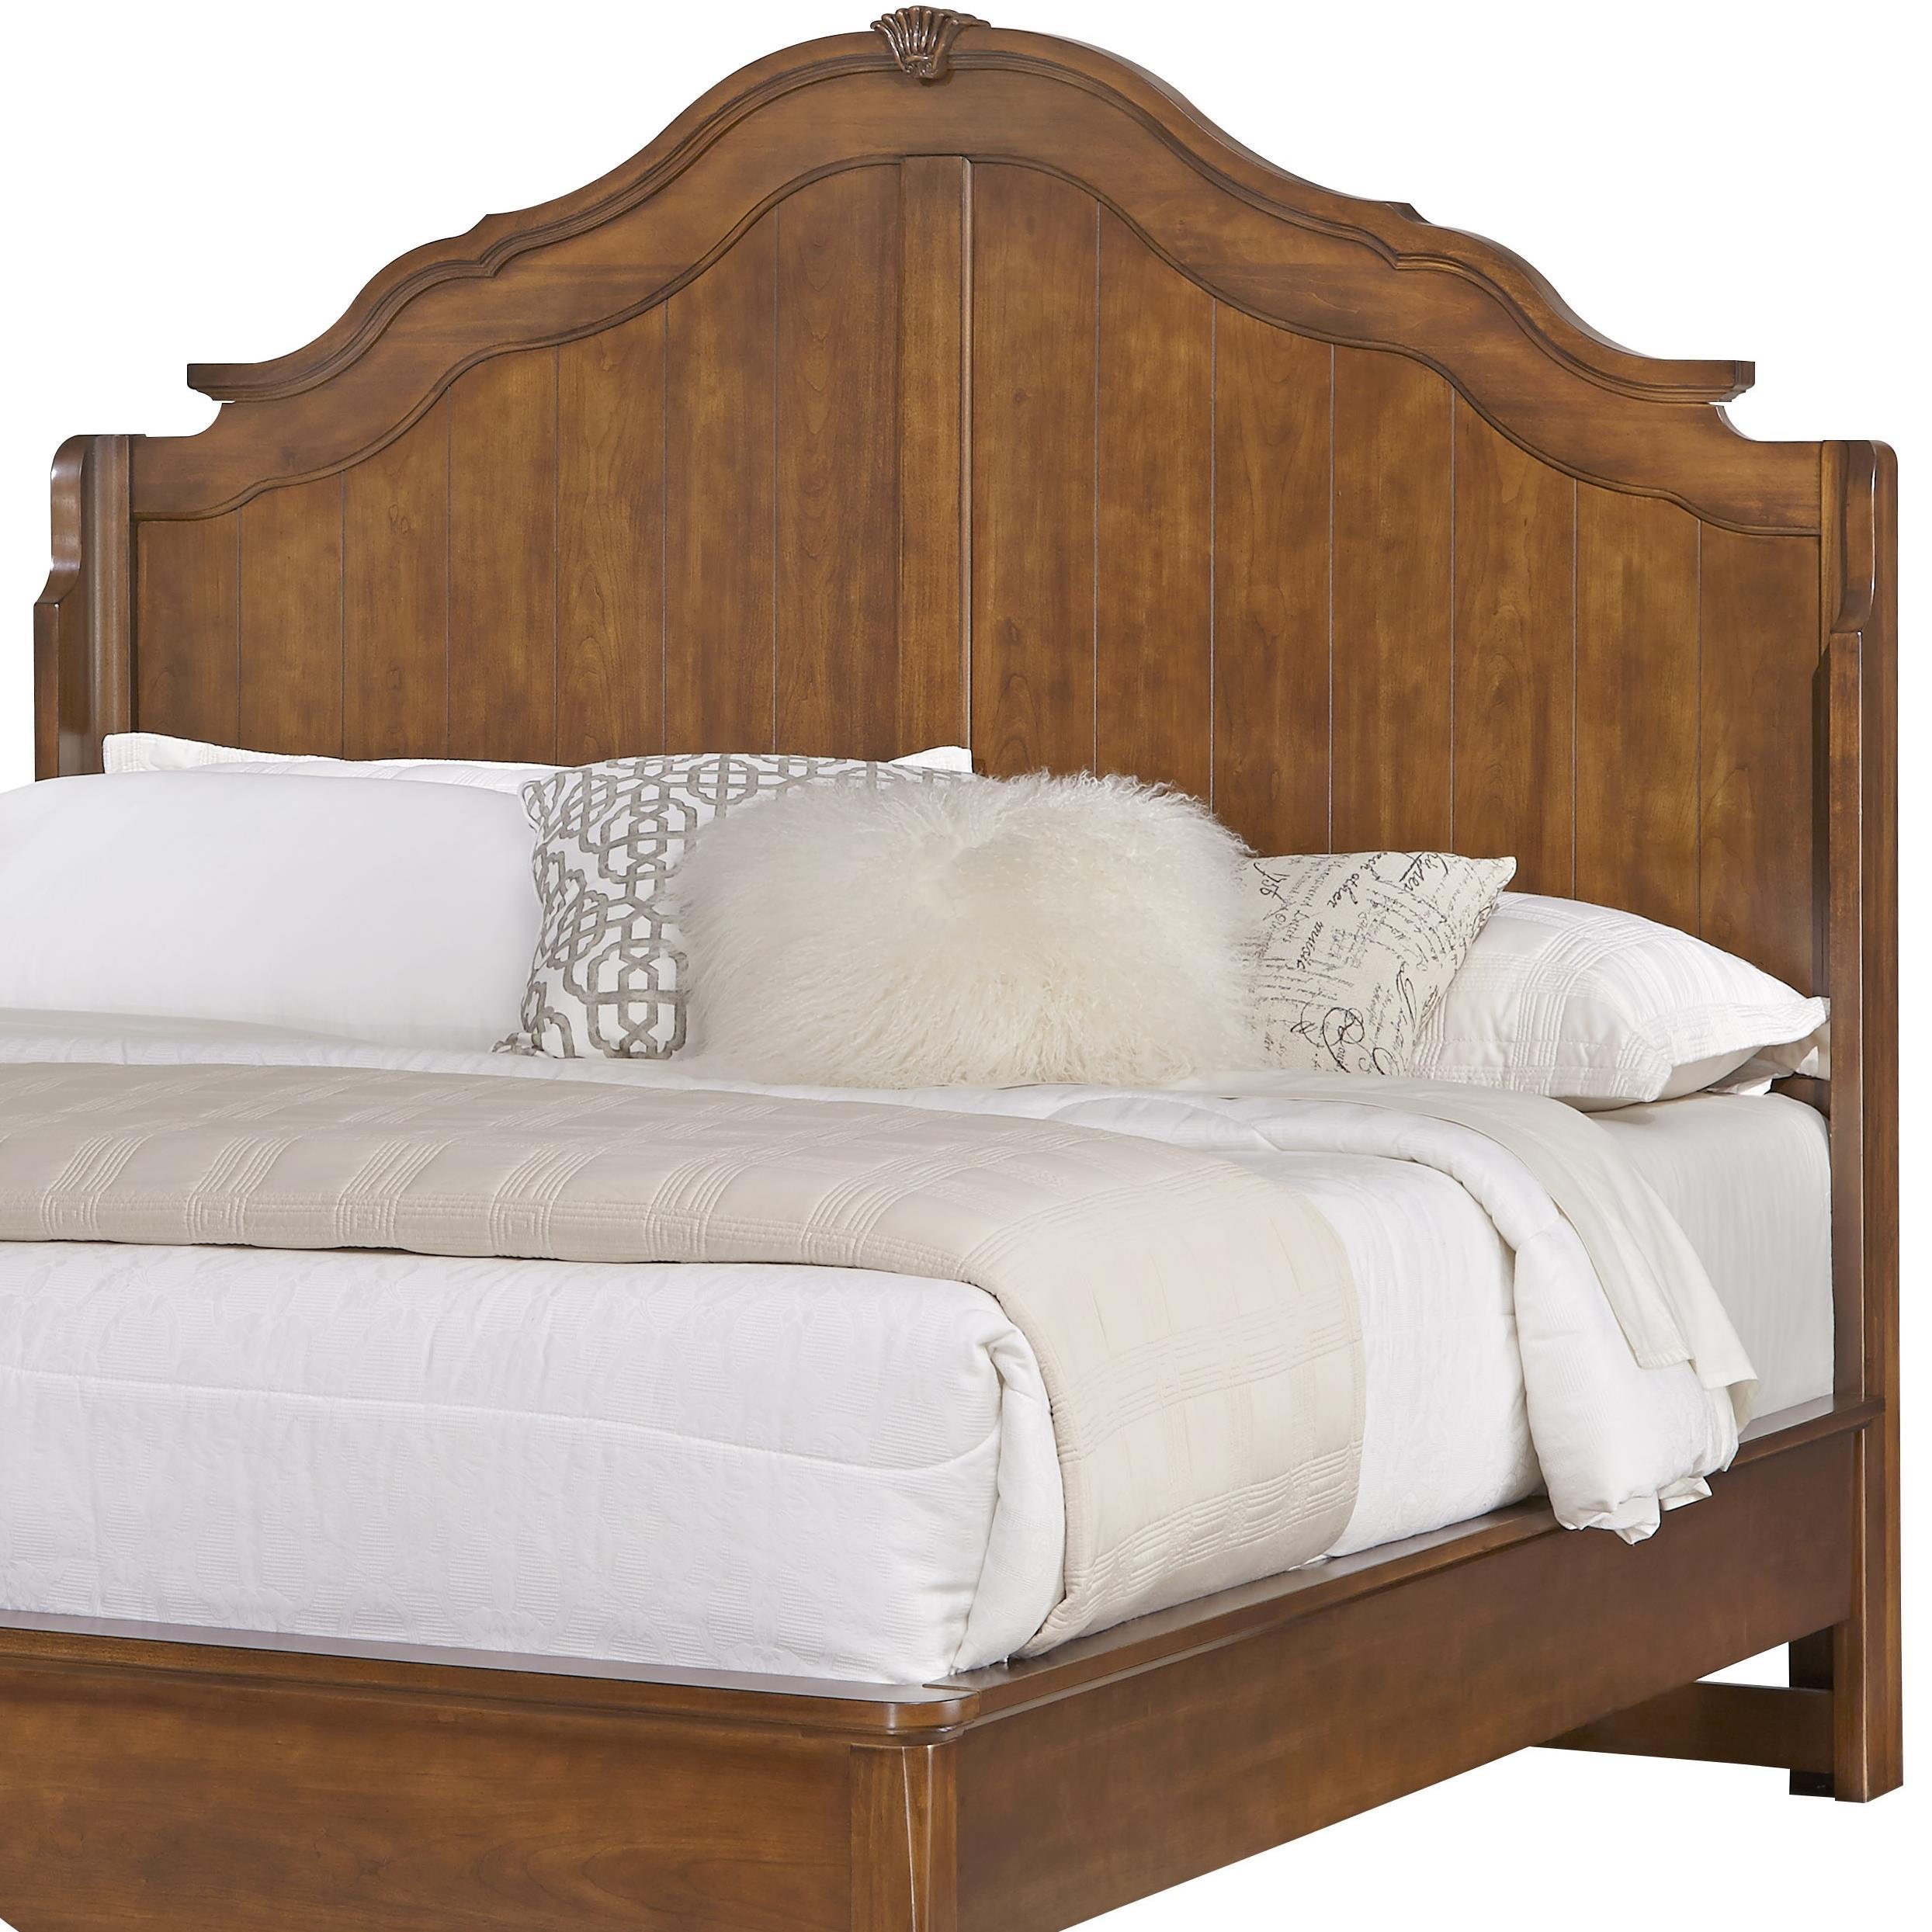 Vaughan Bassett Villa Sophia King Shelter Bed Headboard - Item Number: 522-667